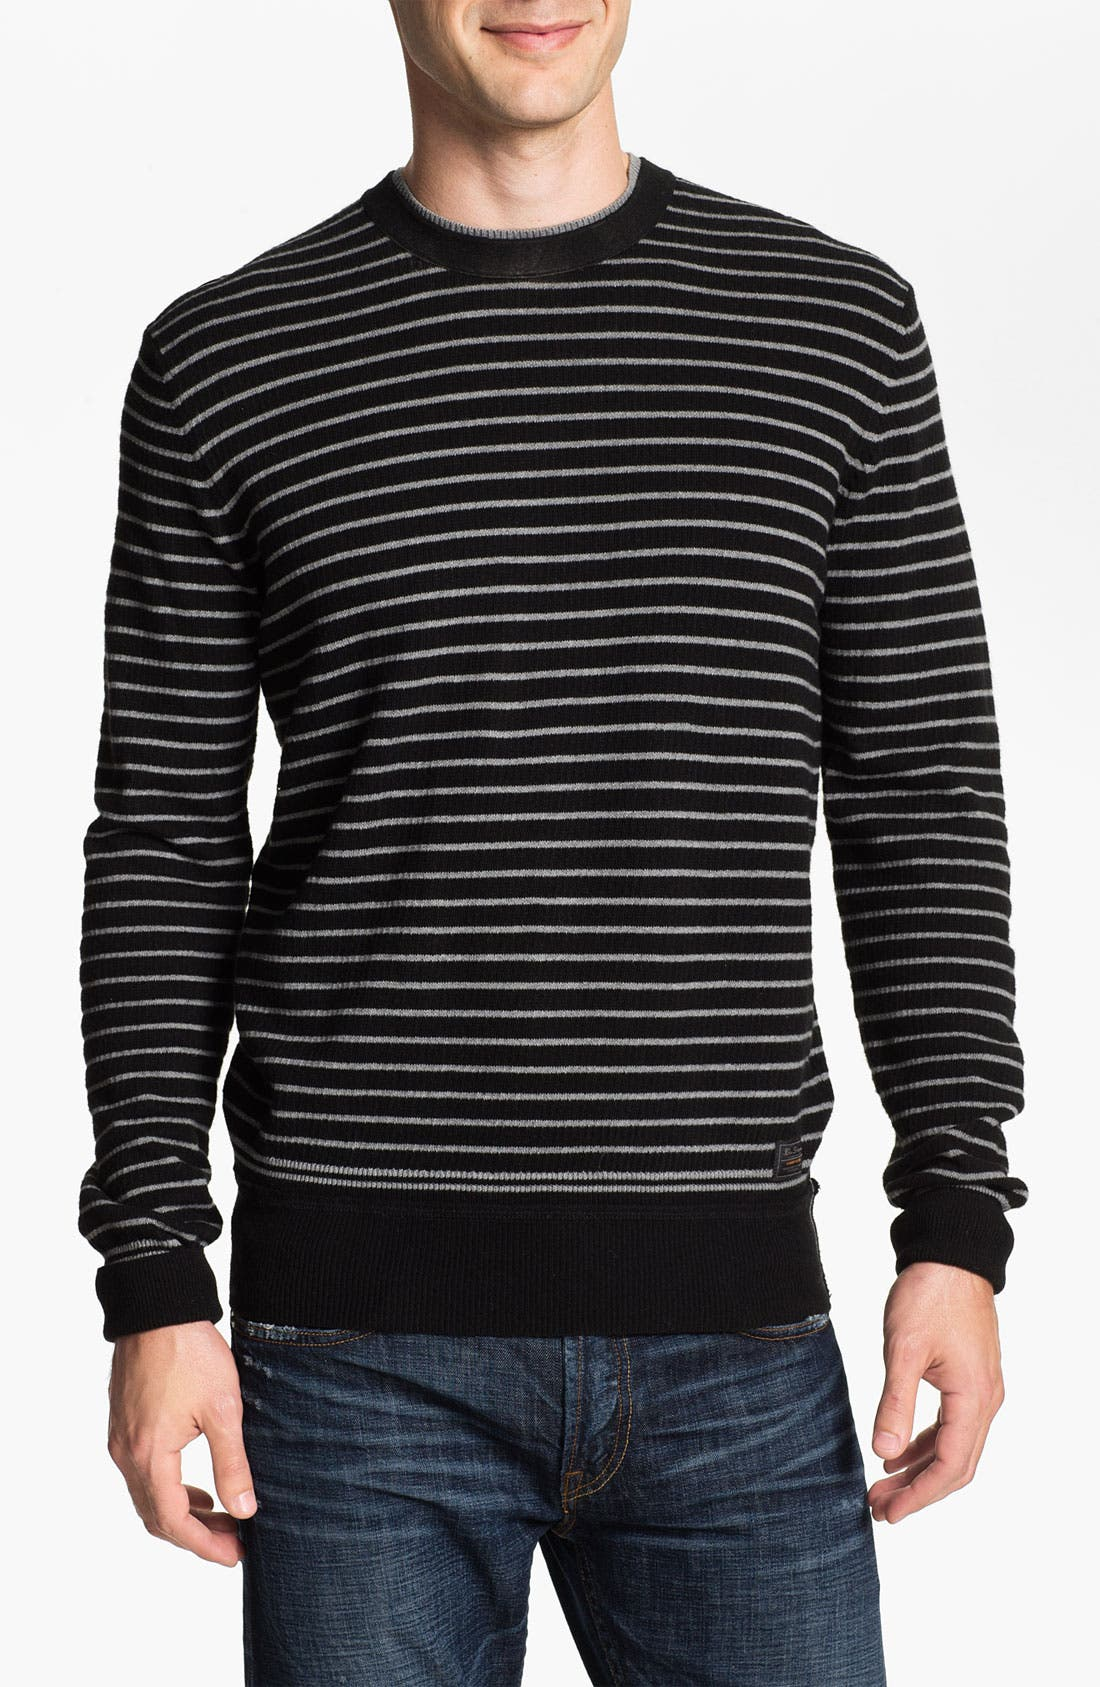 Main Image - Ben Sherman Stripe Crewneck Sweater